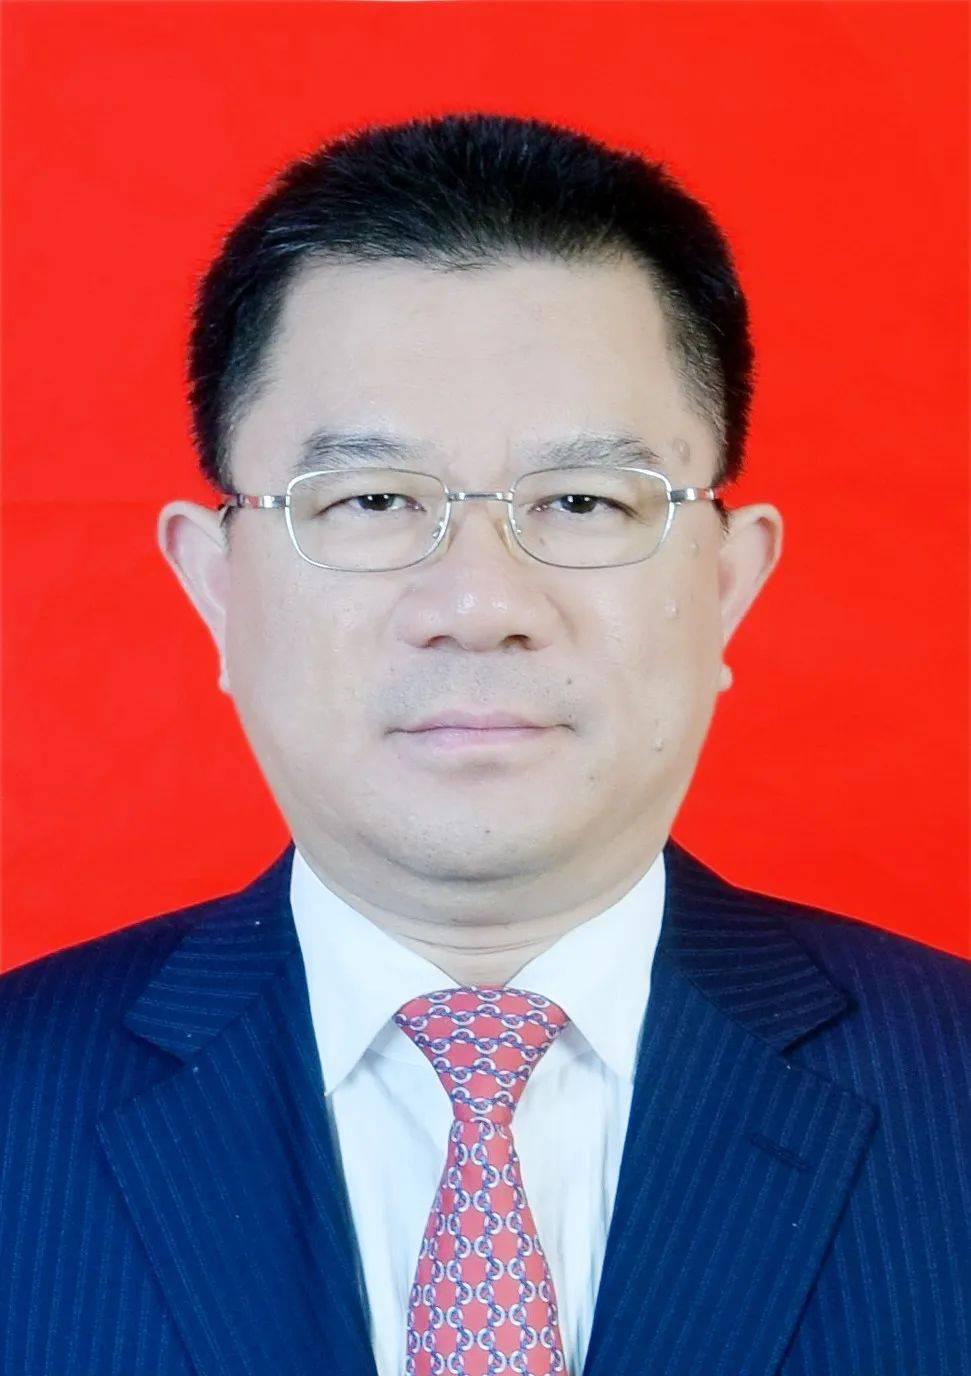 三明市第十三届人民代表大会第五次全体会议召